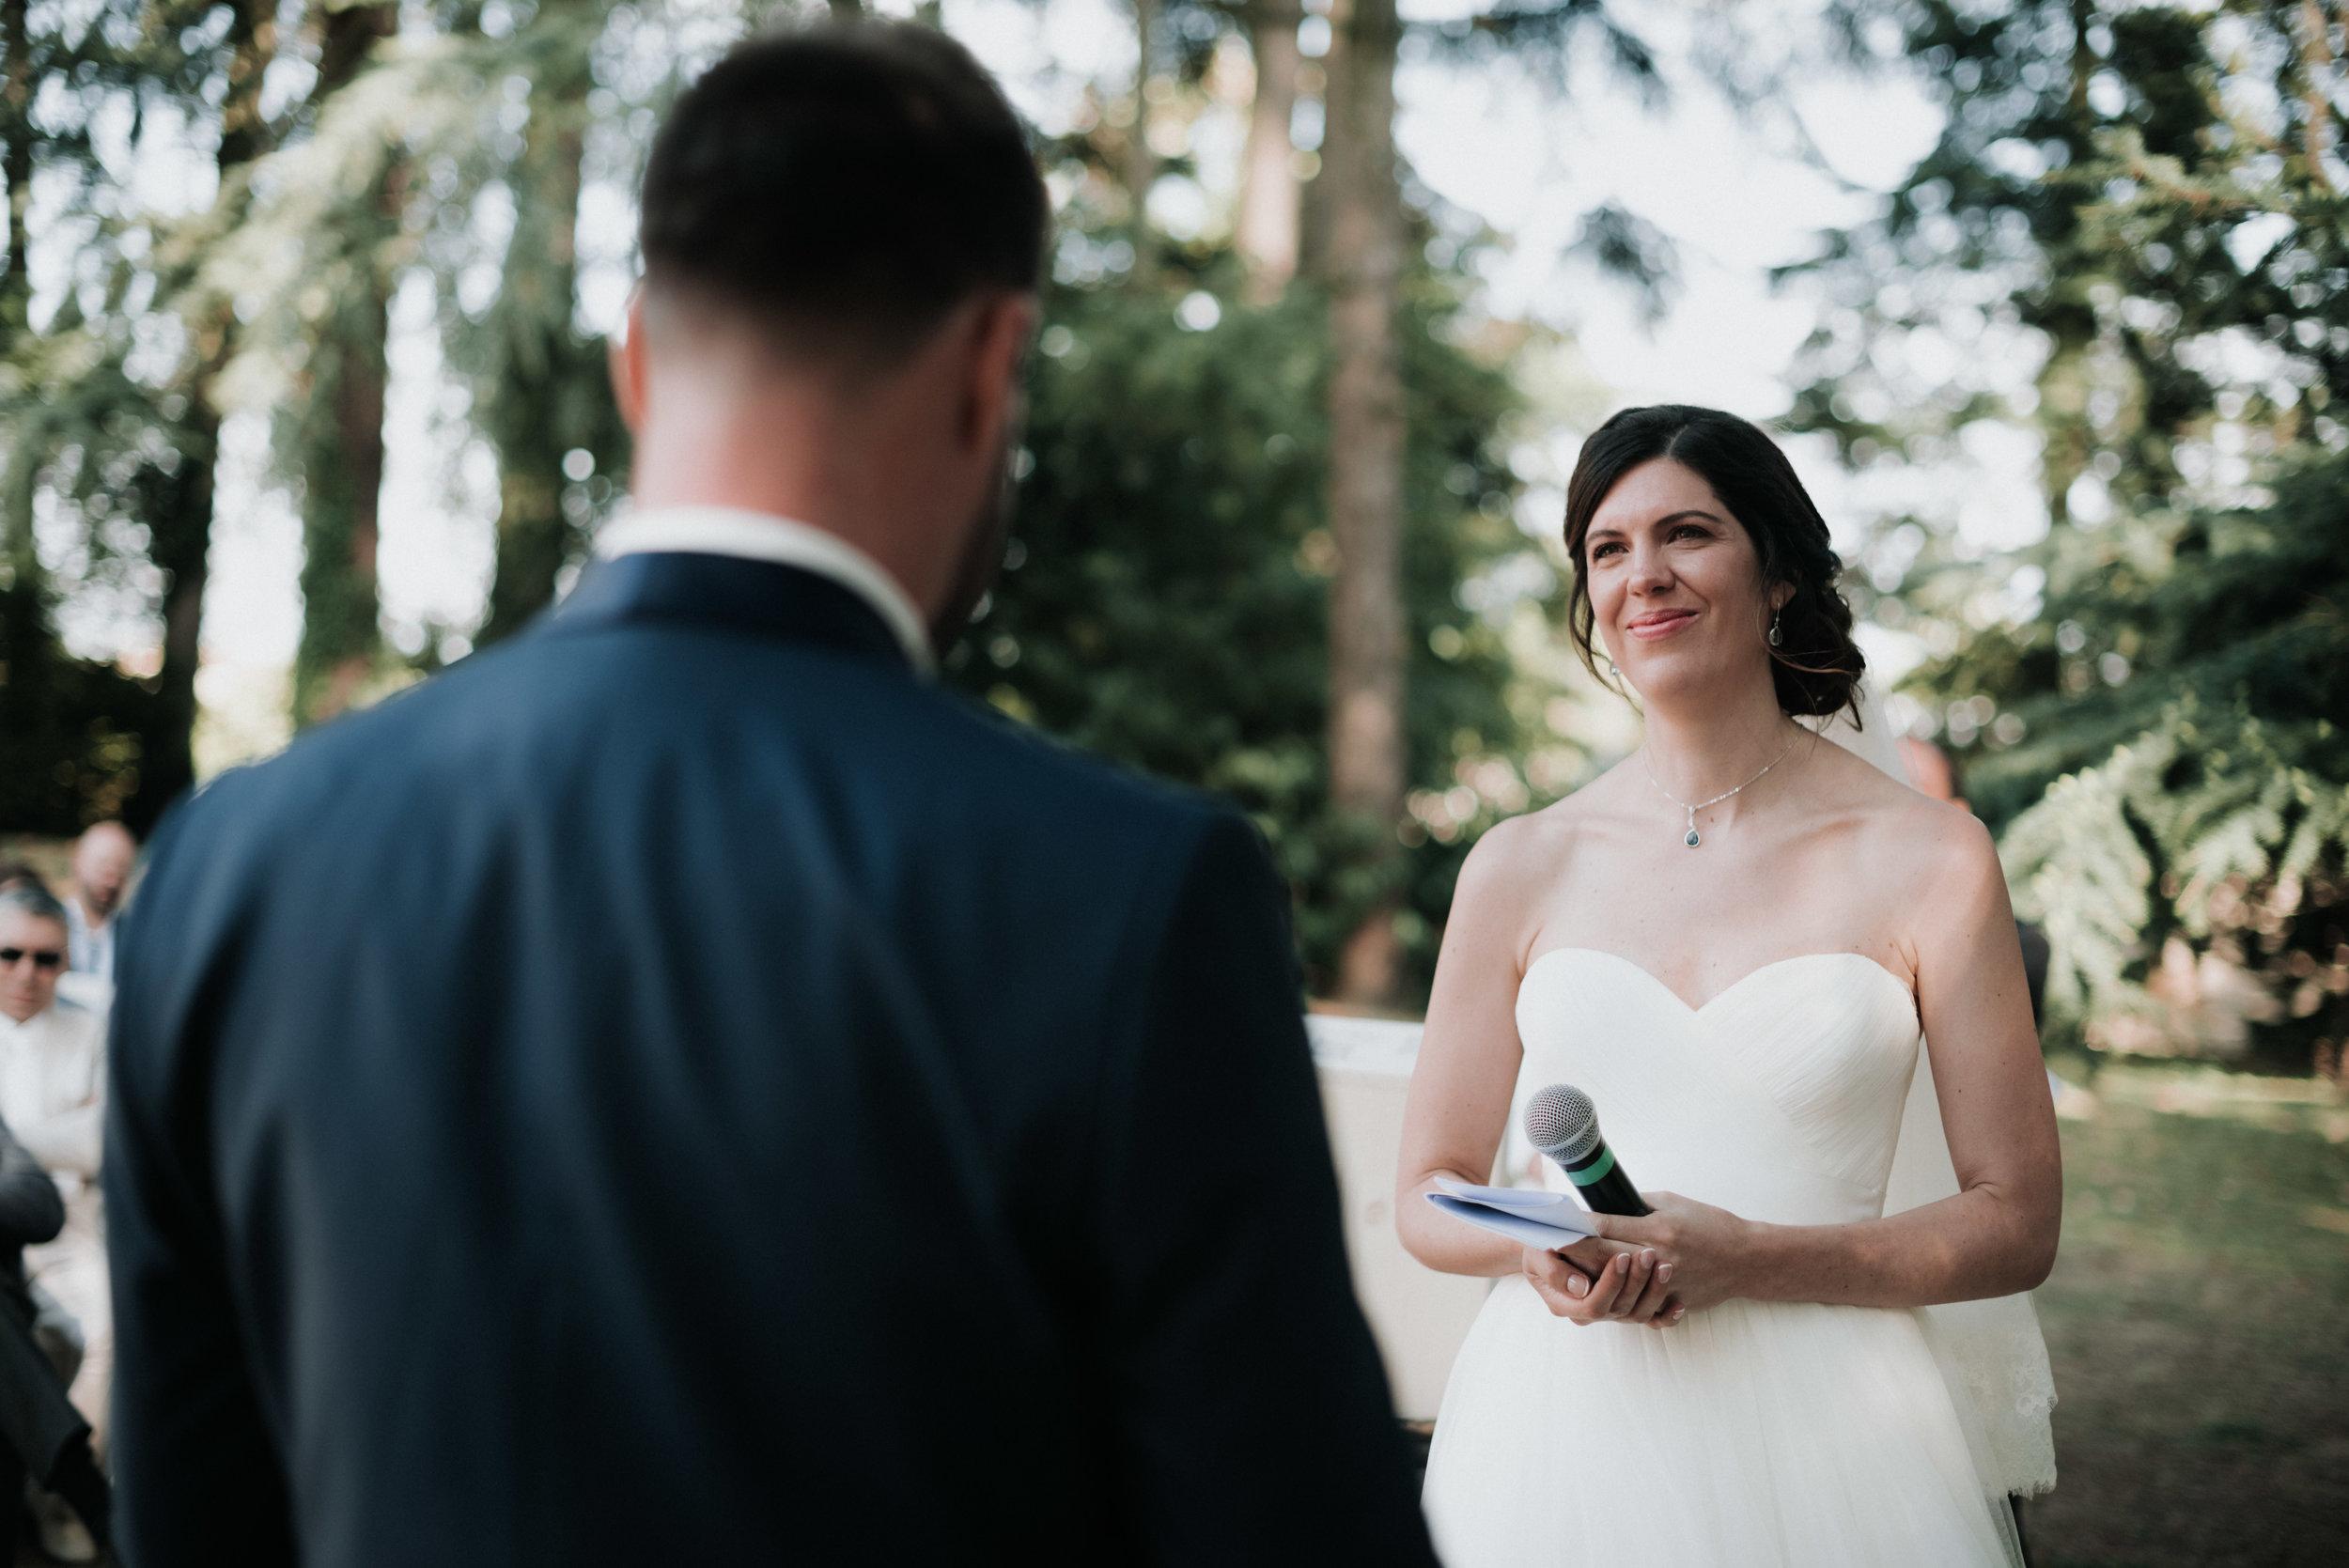 Léa-Fery-photographe-professionnel-lyon-rhone-alpes-portrait-creation-mariage-evenement-evenementiel-famille-9065.jpg